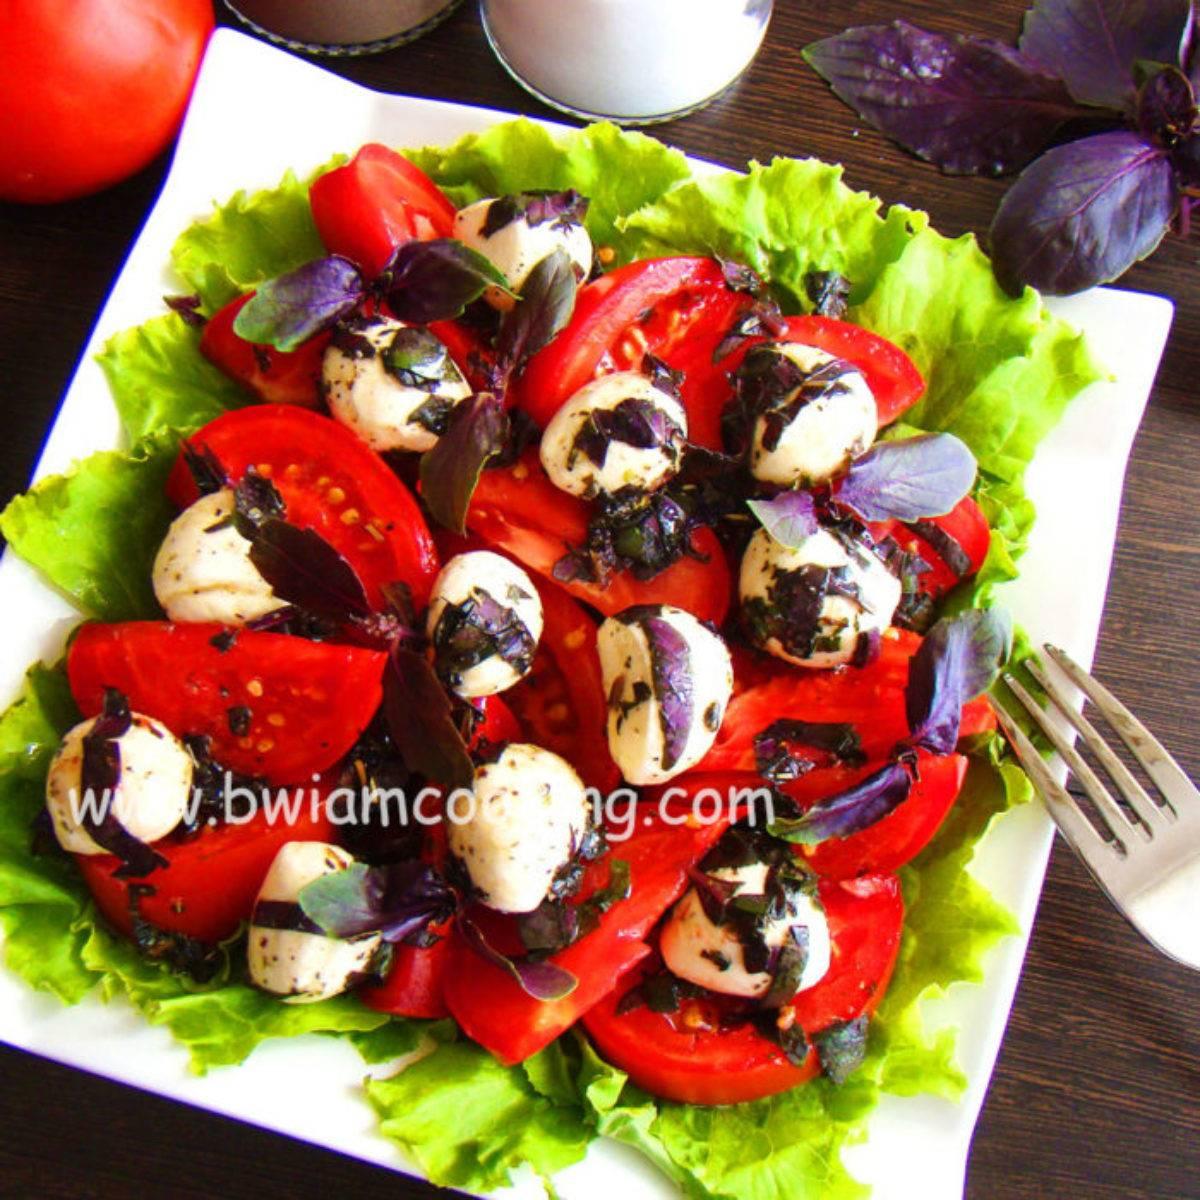 Салат капрезе - рецепт пошагово с фото. как приготовить классический итальянский салат капрезе